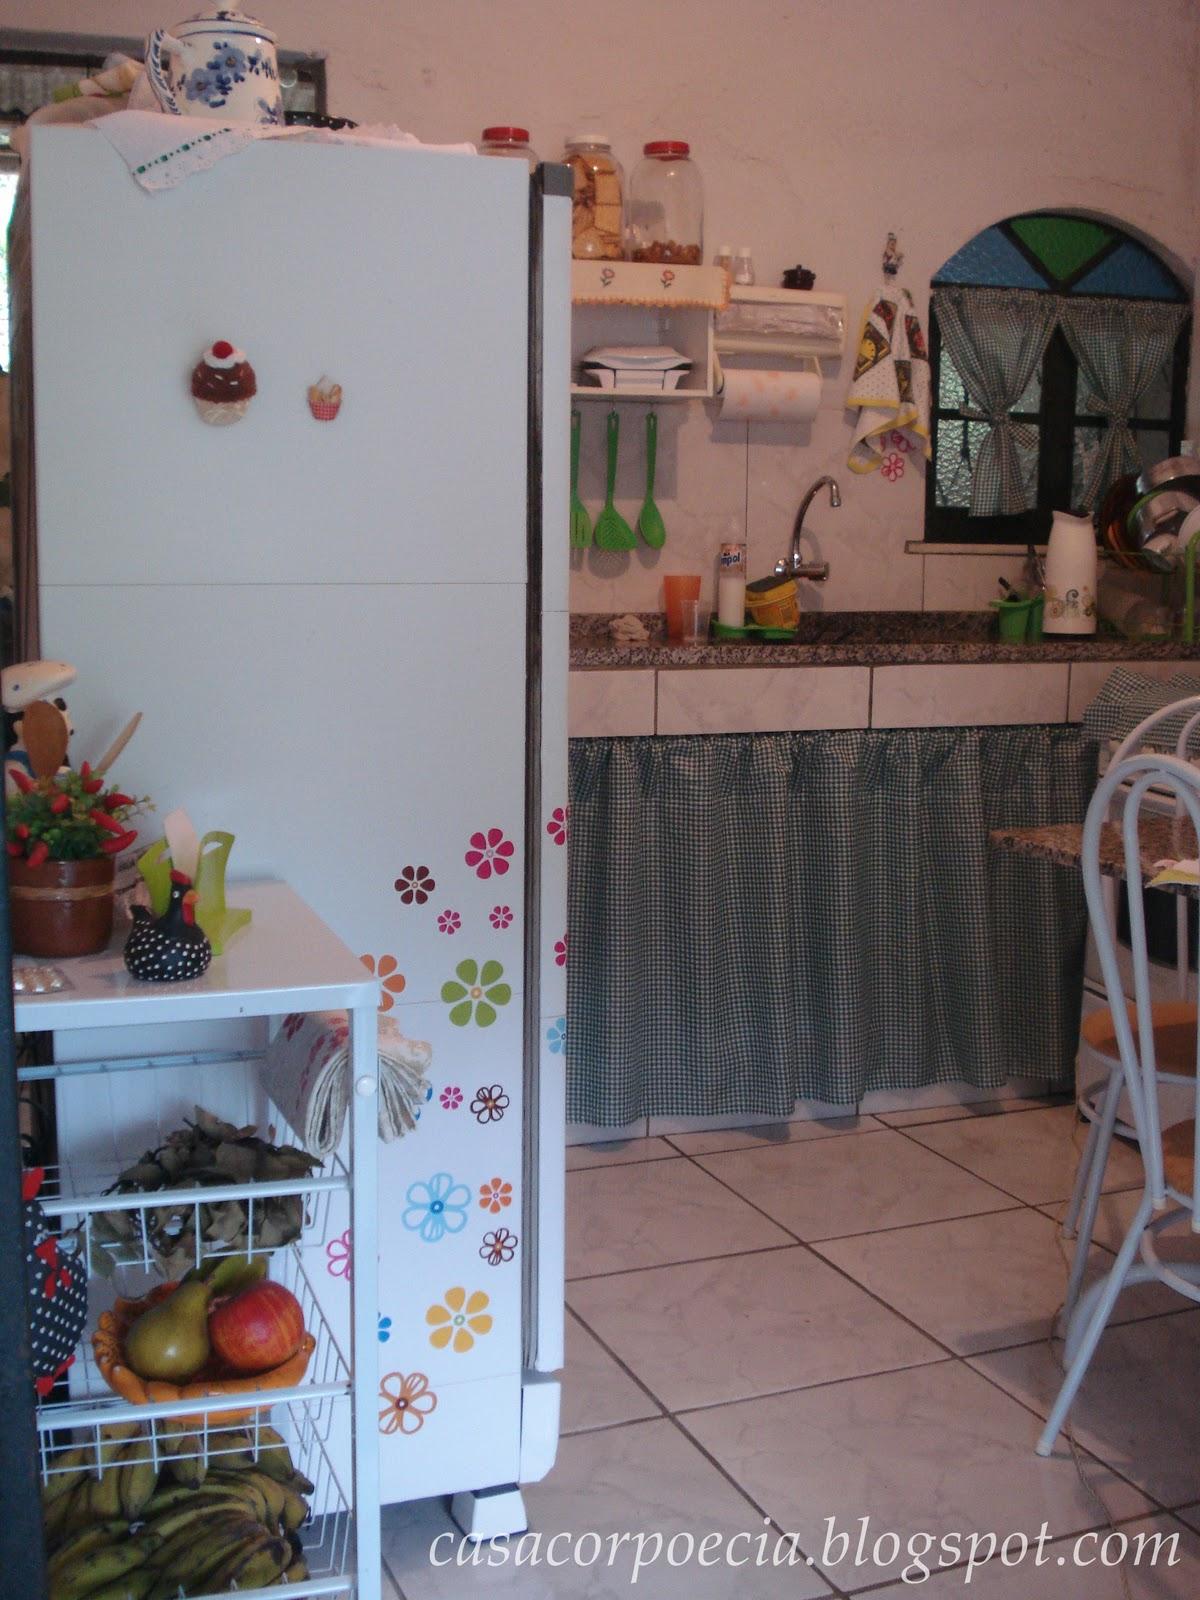 #336199 decoracao de sala simples e pequena e barata:Pin Decora O De Sala  1200x1600 píxeis em Decoração Para Sala Pequena Simples E Barata